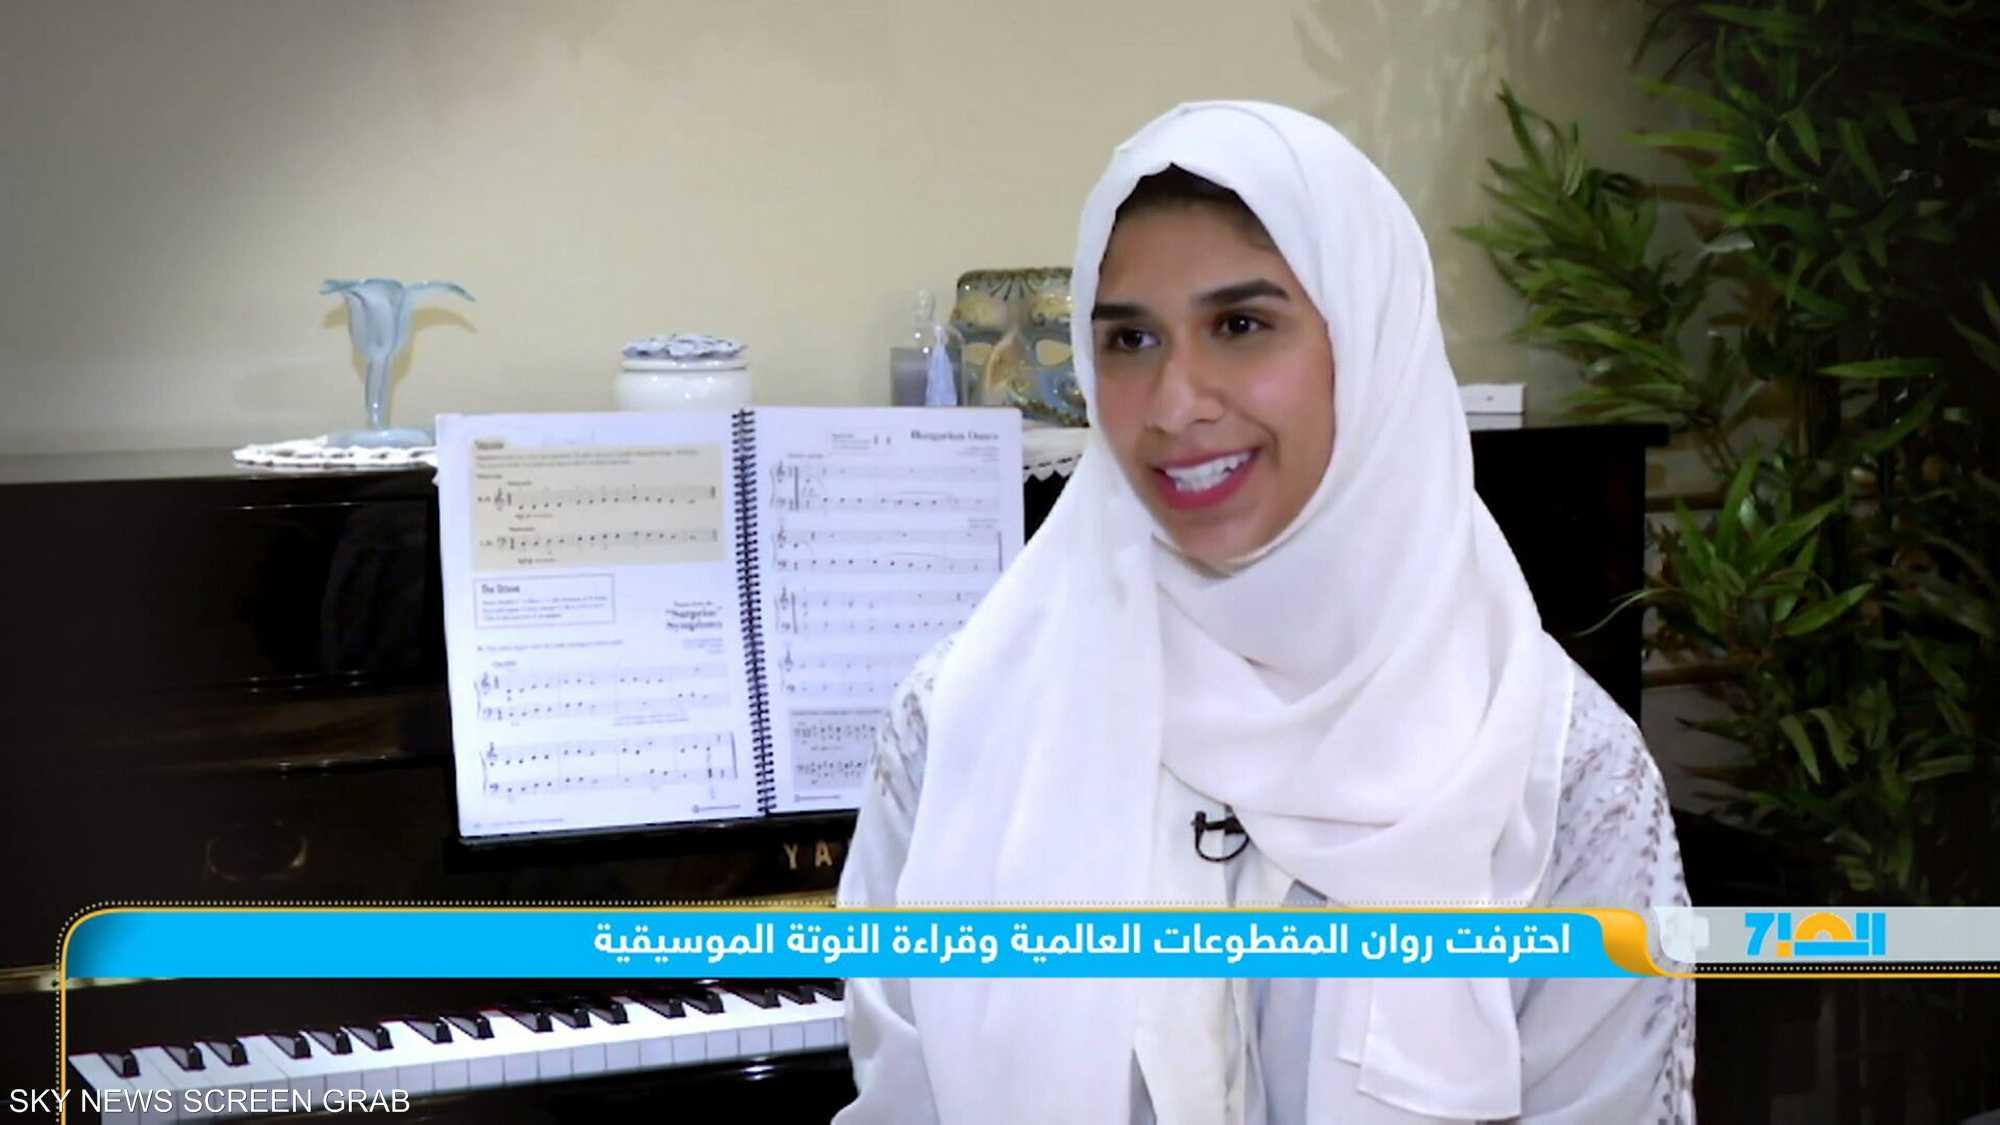 روان الدريس.. عازفة بيانو سعودية من الهواية للاحتراف